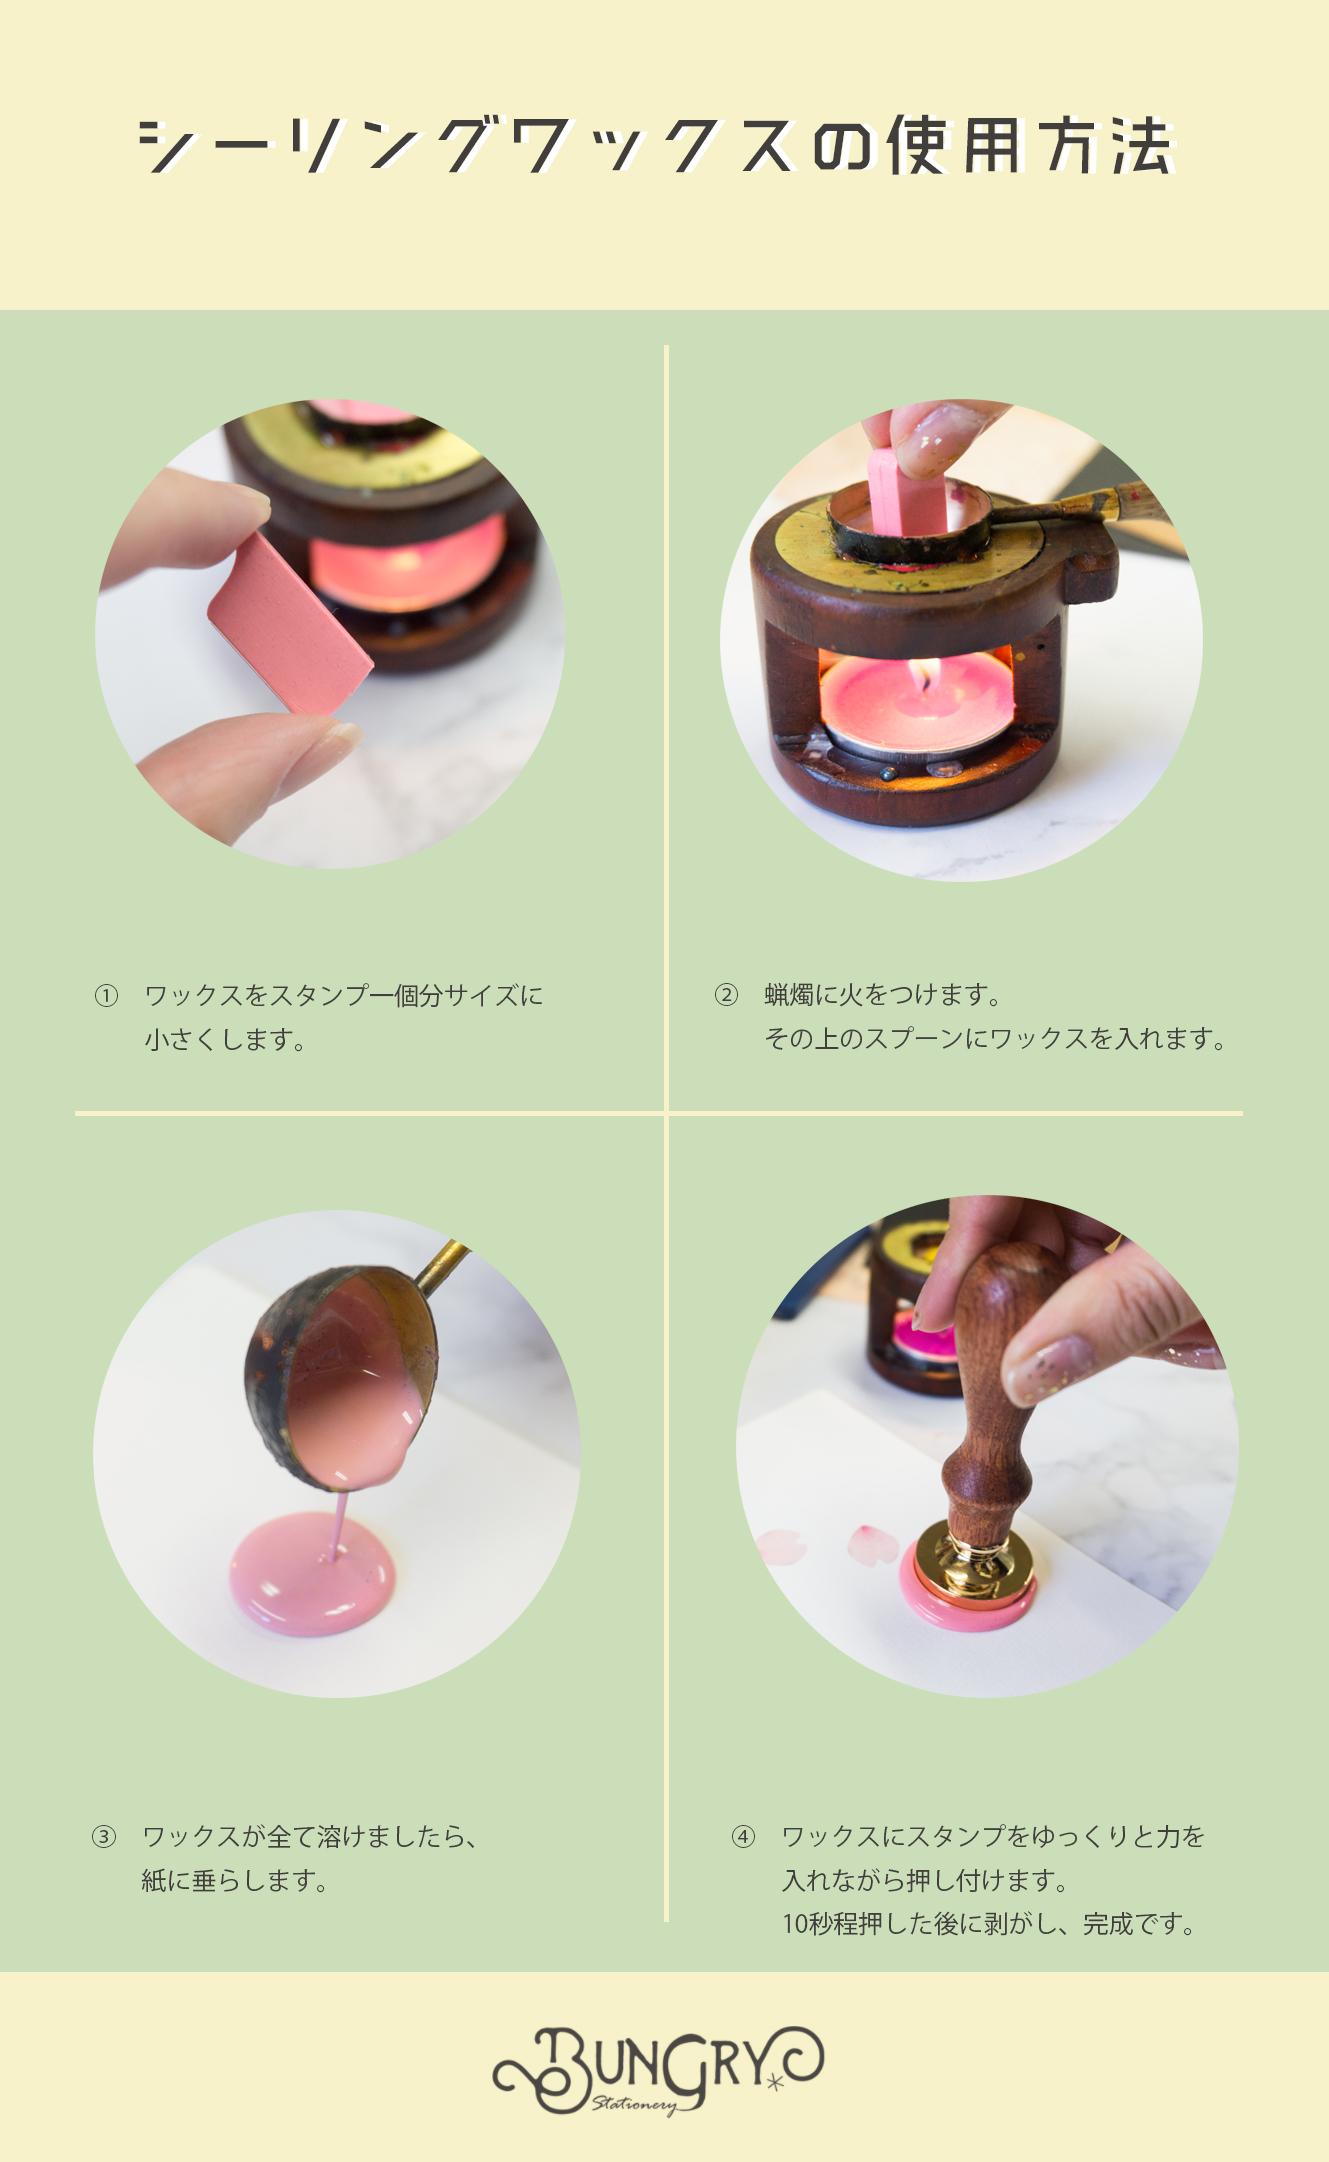 シーリングワックス&溶かし器の使用方法